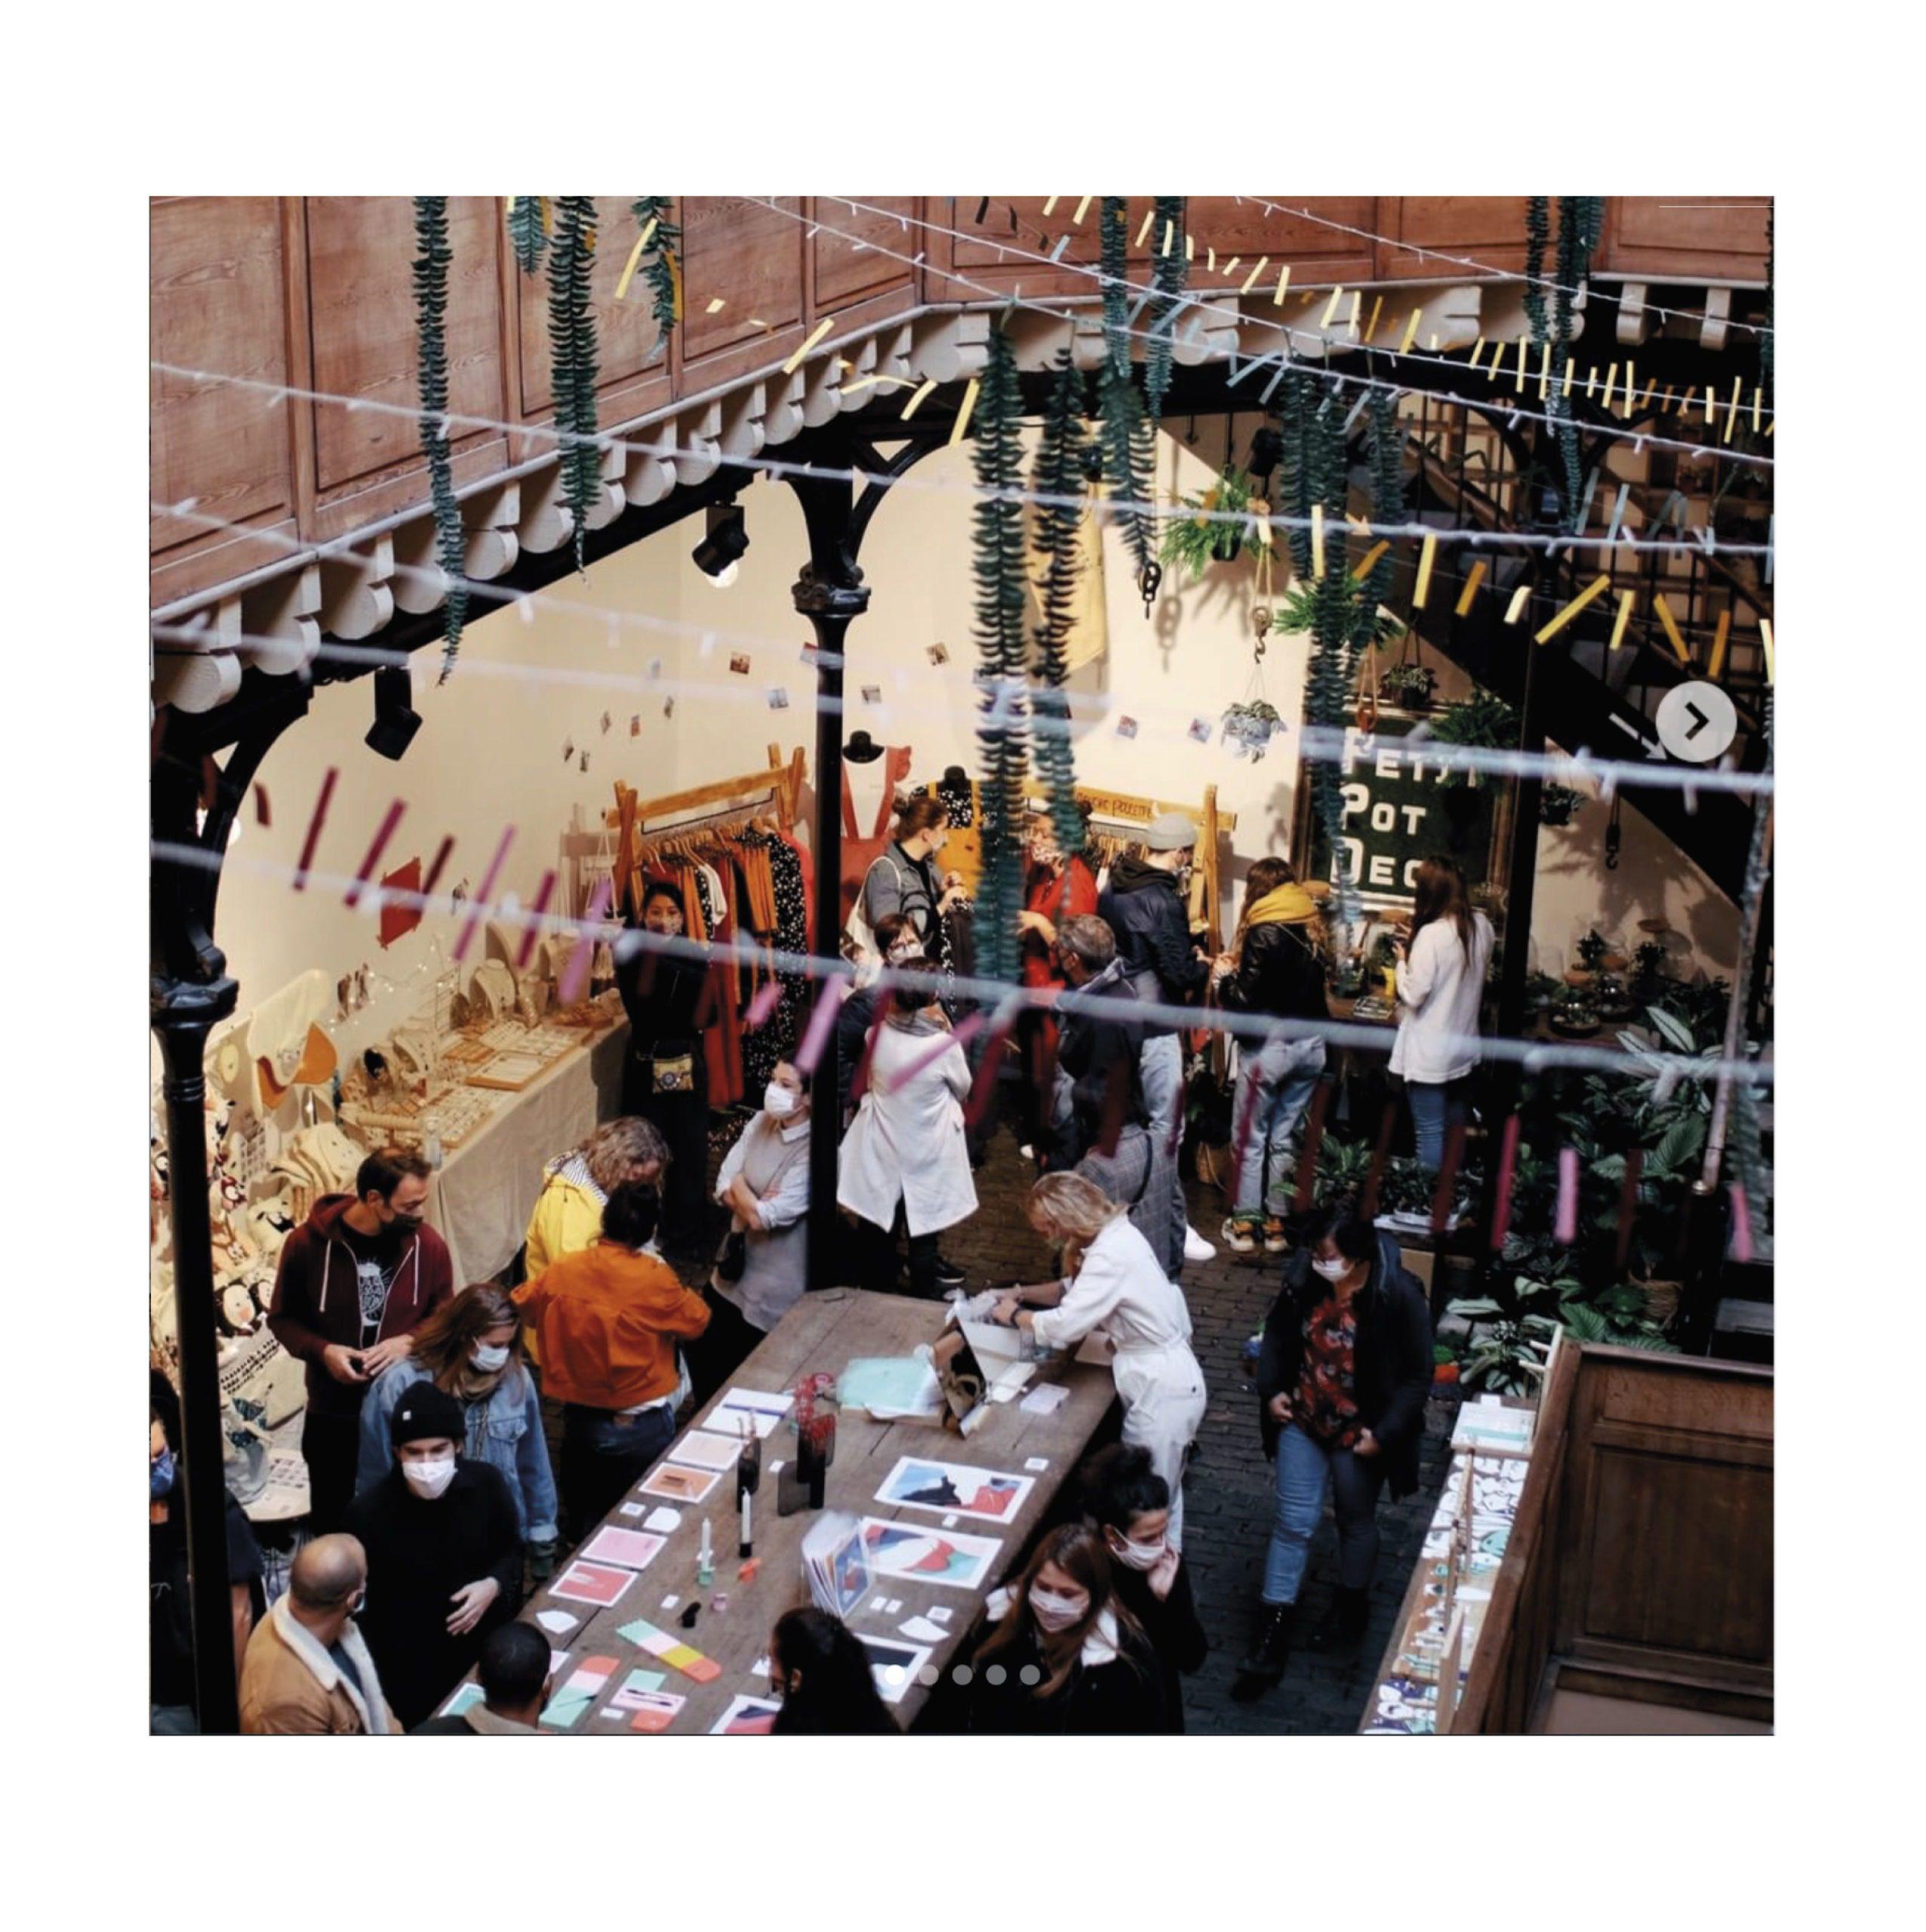 Salon Bande de créateurs Paris